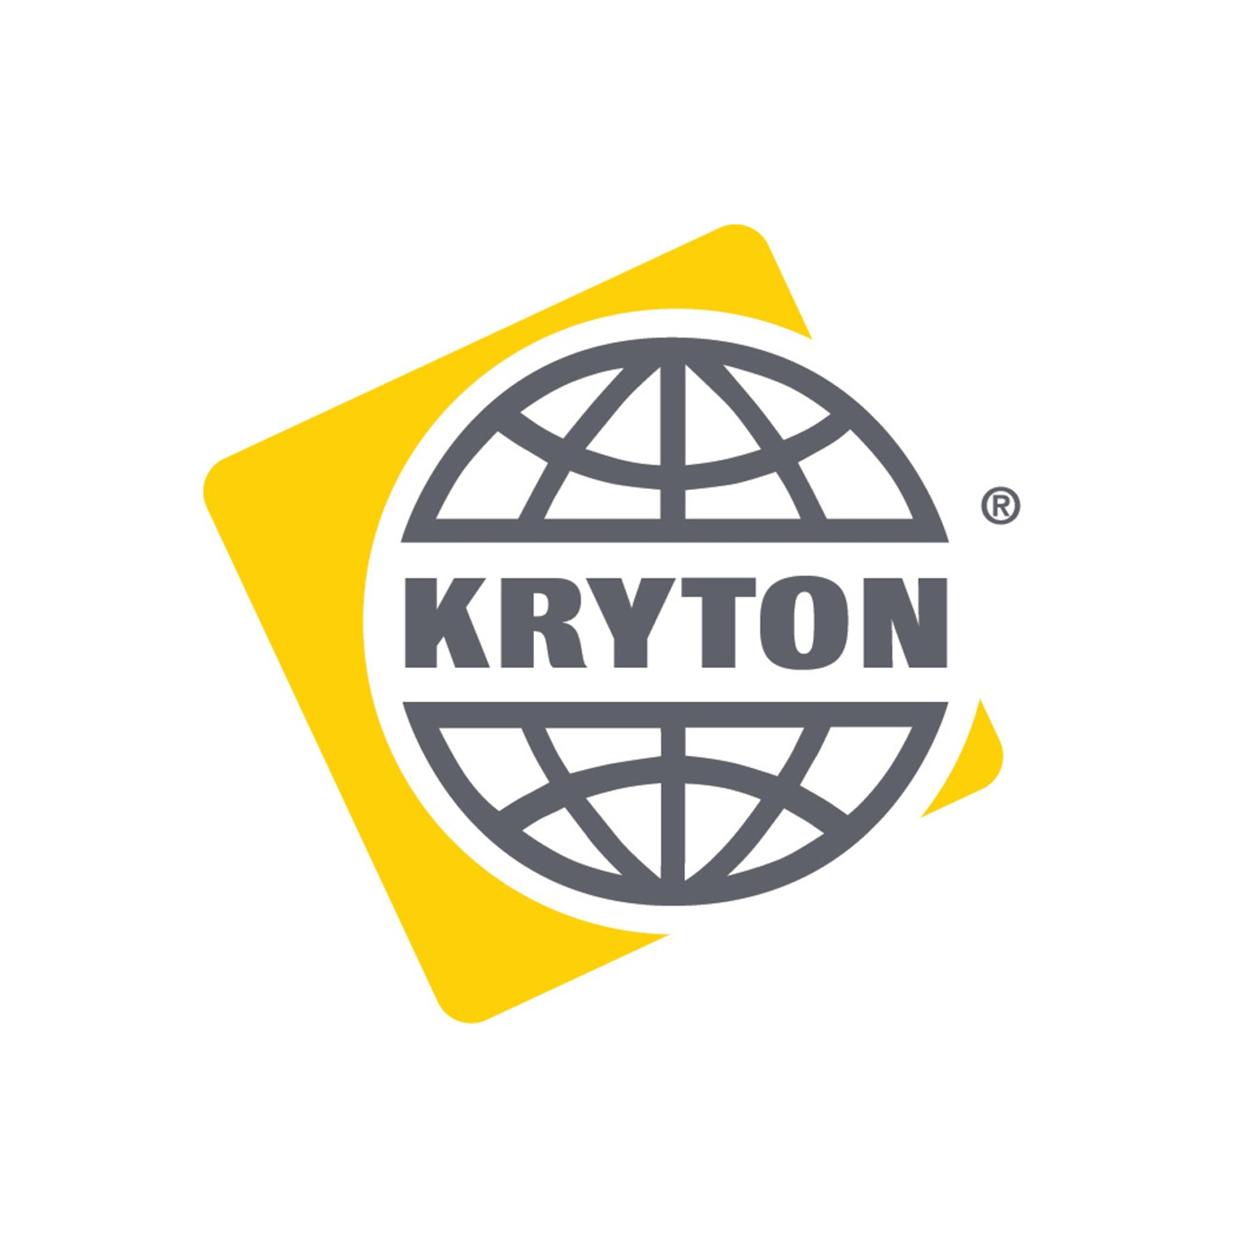 Kryton hormigón autosellable